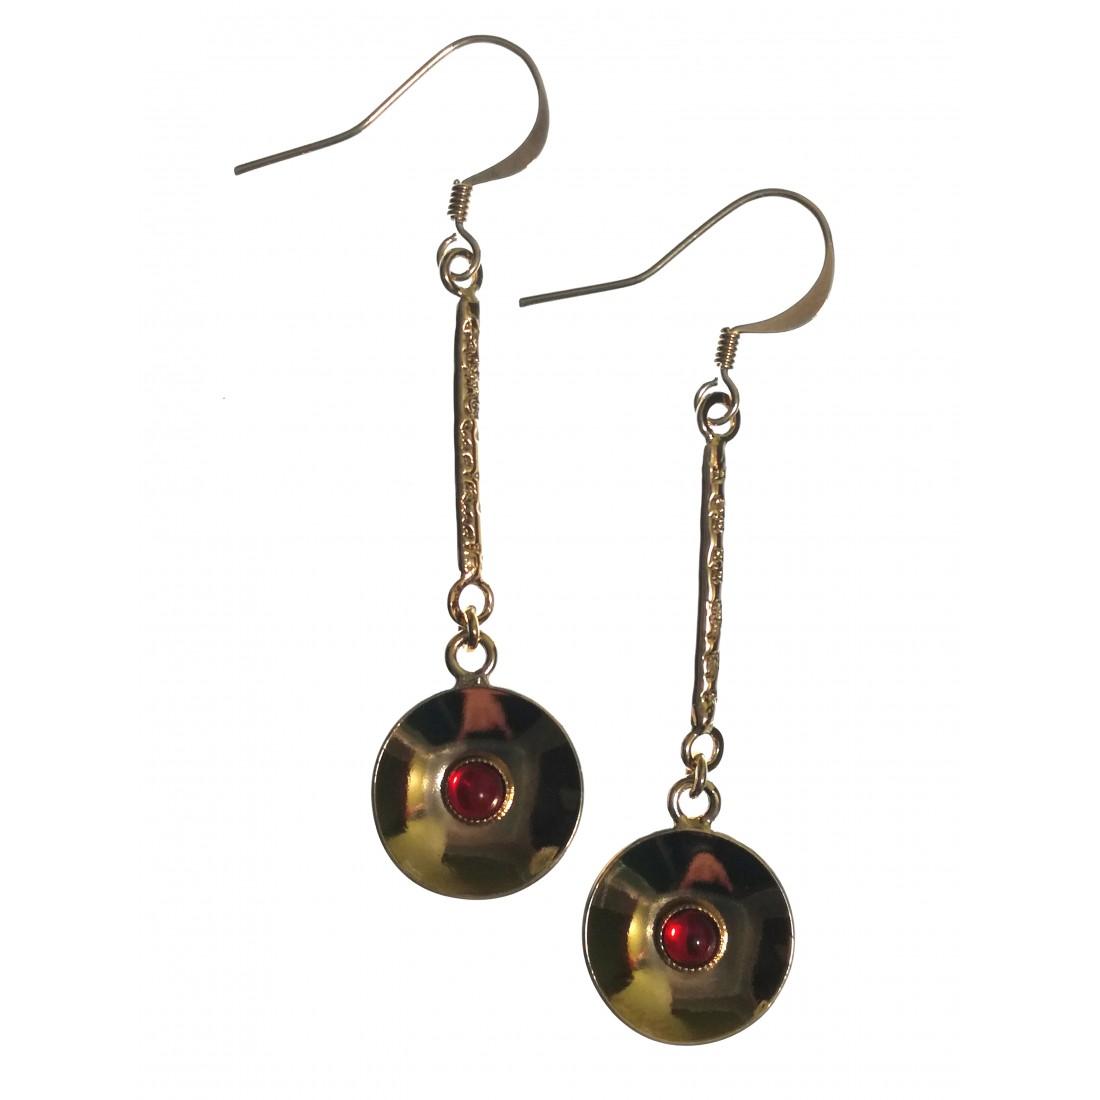 Boucles d'oreilles avec pierre rouge